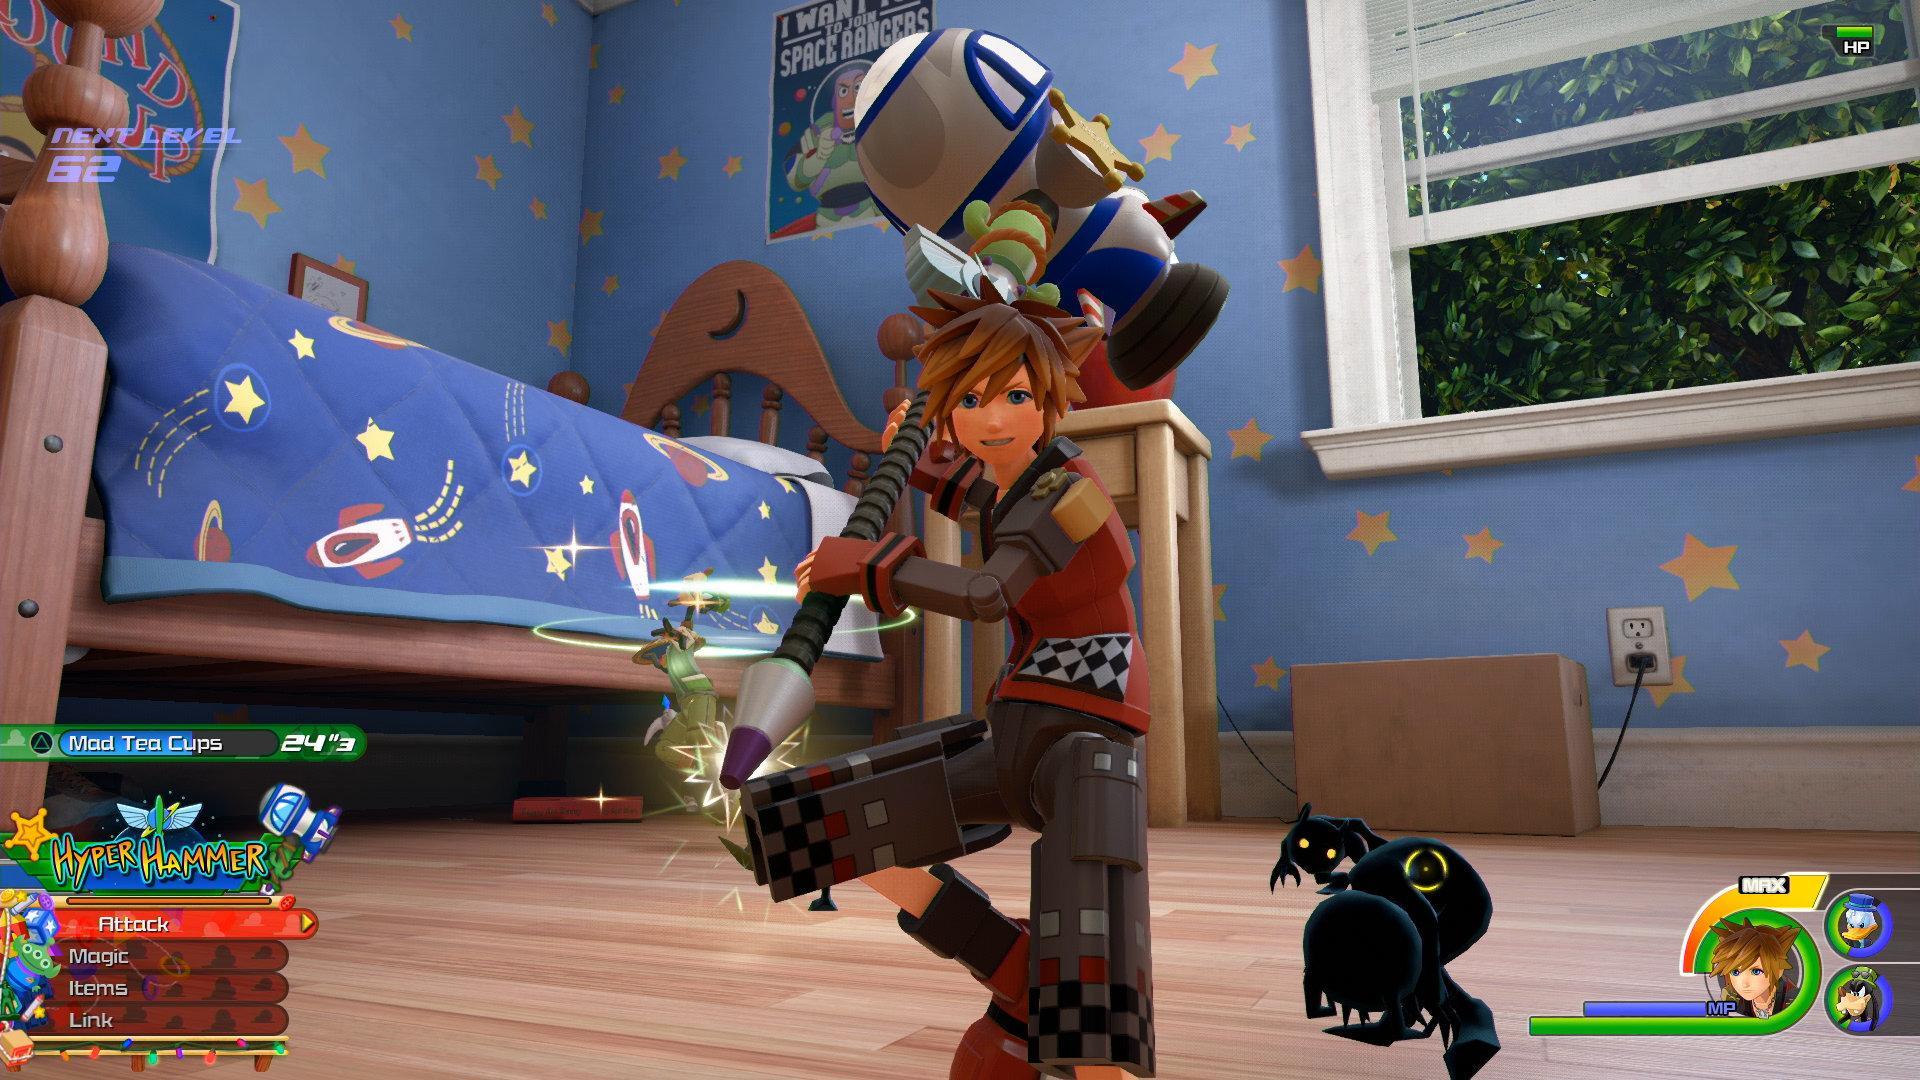 Kingdom Hearts 3 traz os heróis conhecidos da franquia, como Sora e Riku, e personagens famosos da Disney Pixar. (Foto: Divulgação/Square Enix)